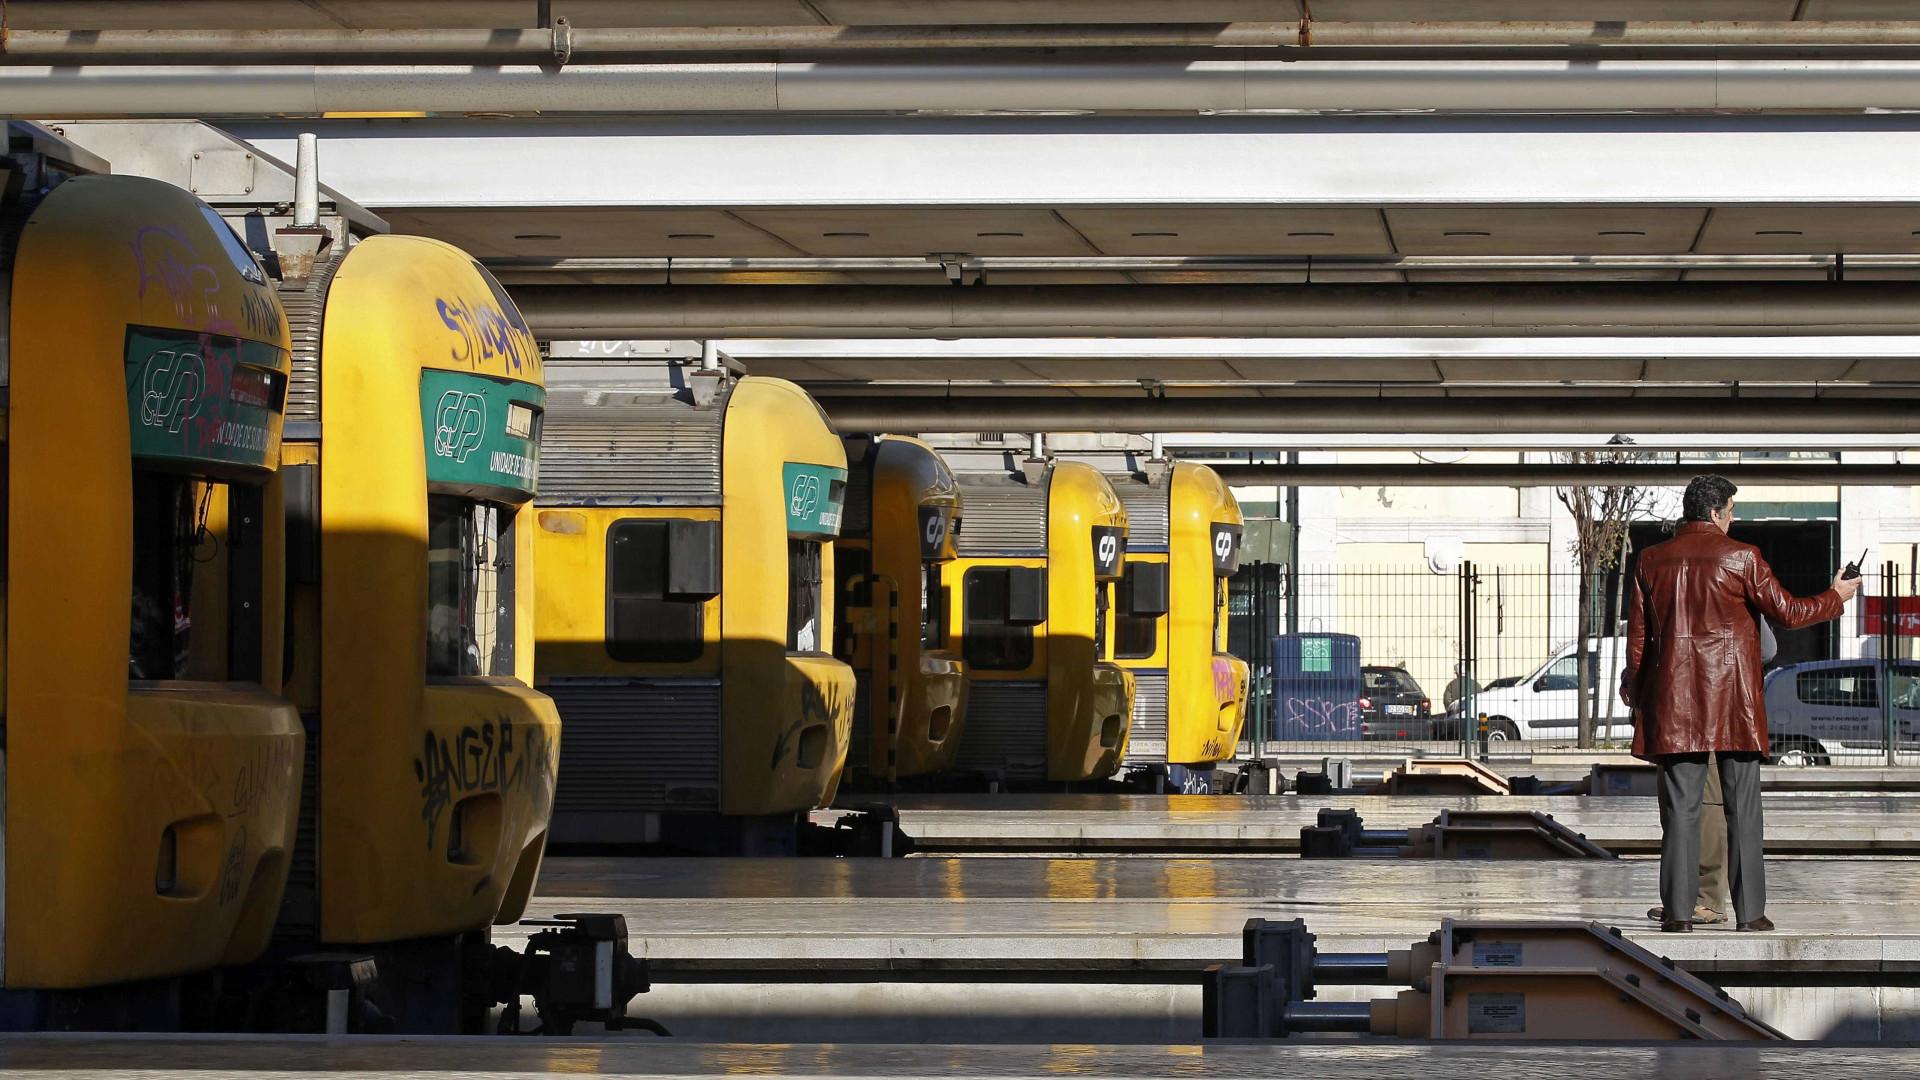 Detidos por entrarem em local vedado e grafitarem comboio em Lisboa